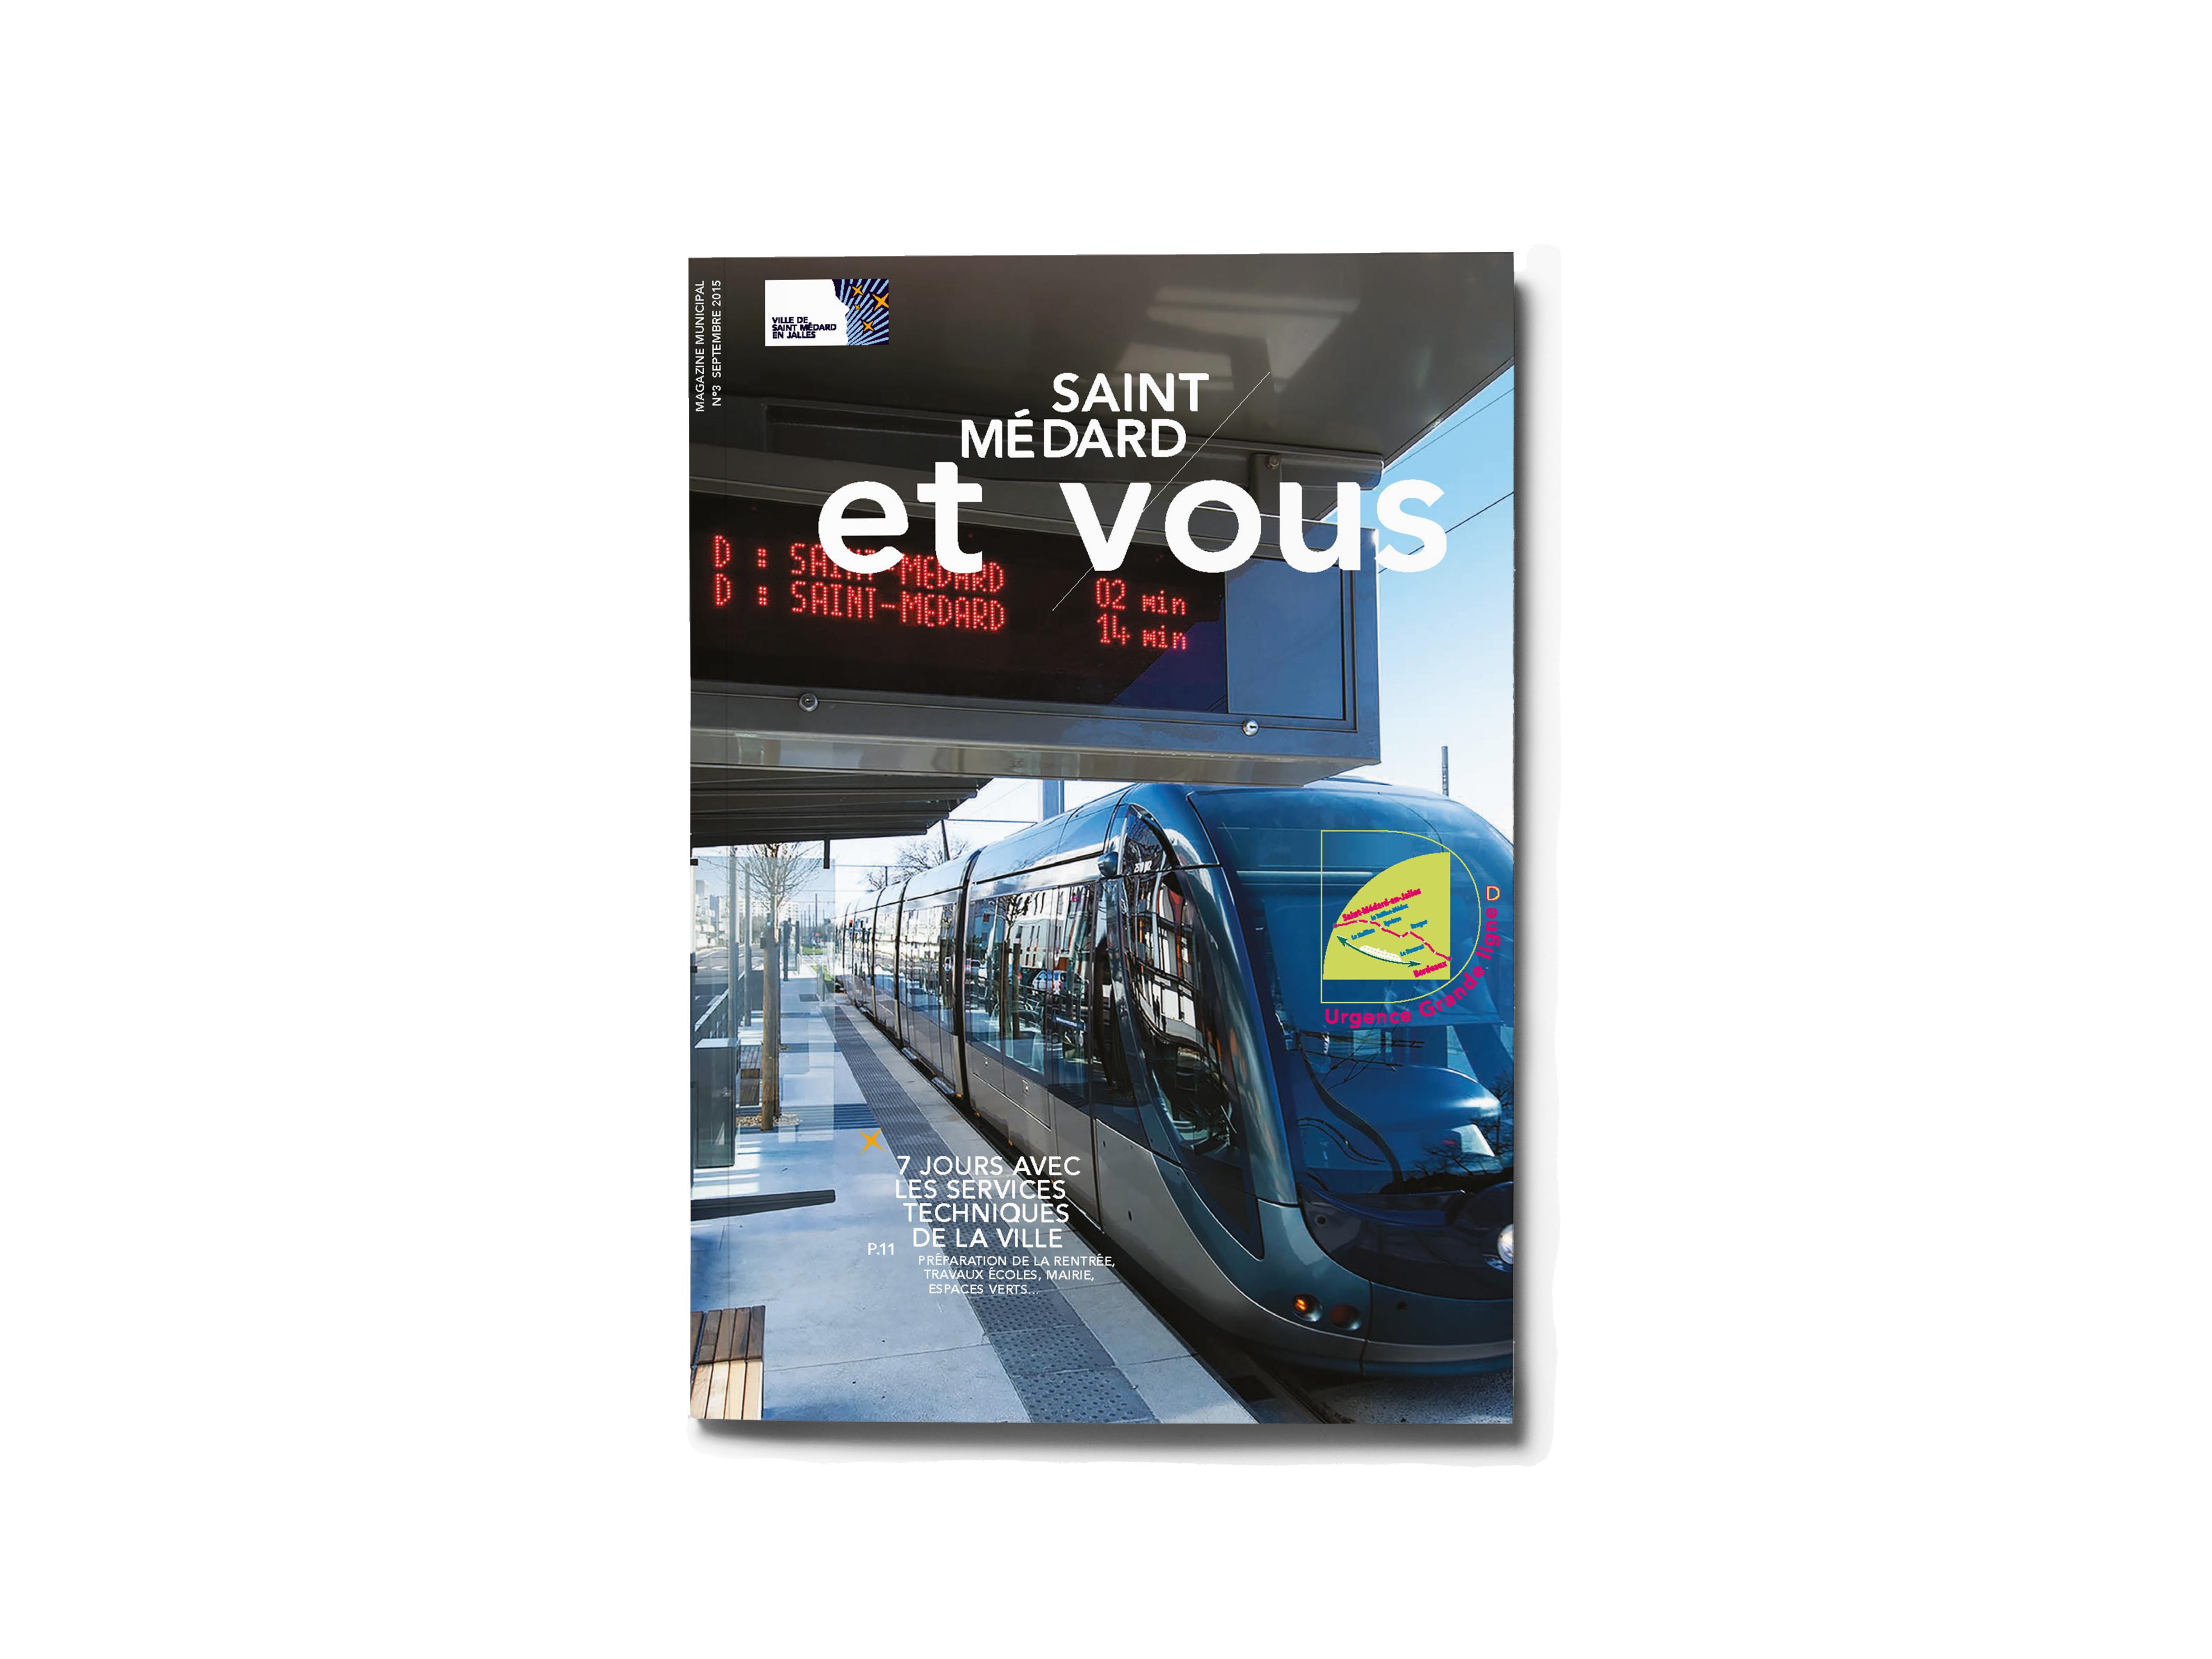 Tissus St Medard En Jalles 7 jours avec les services techniques de la ville